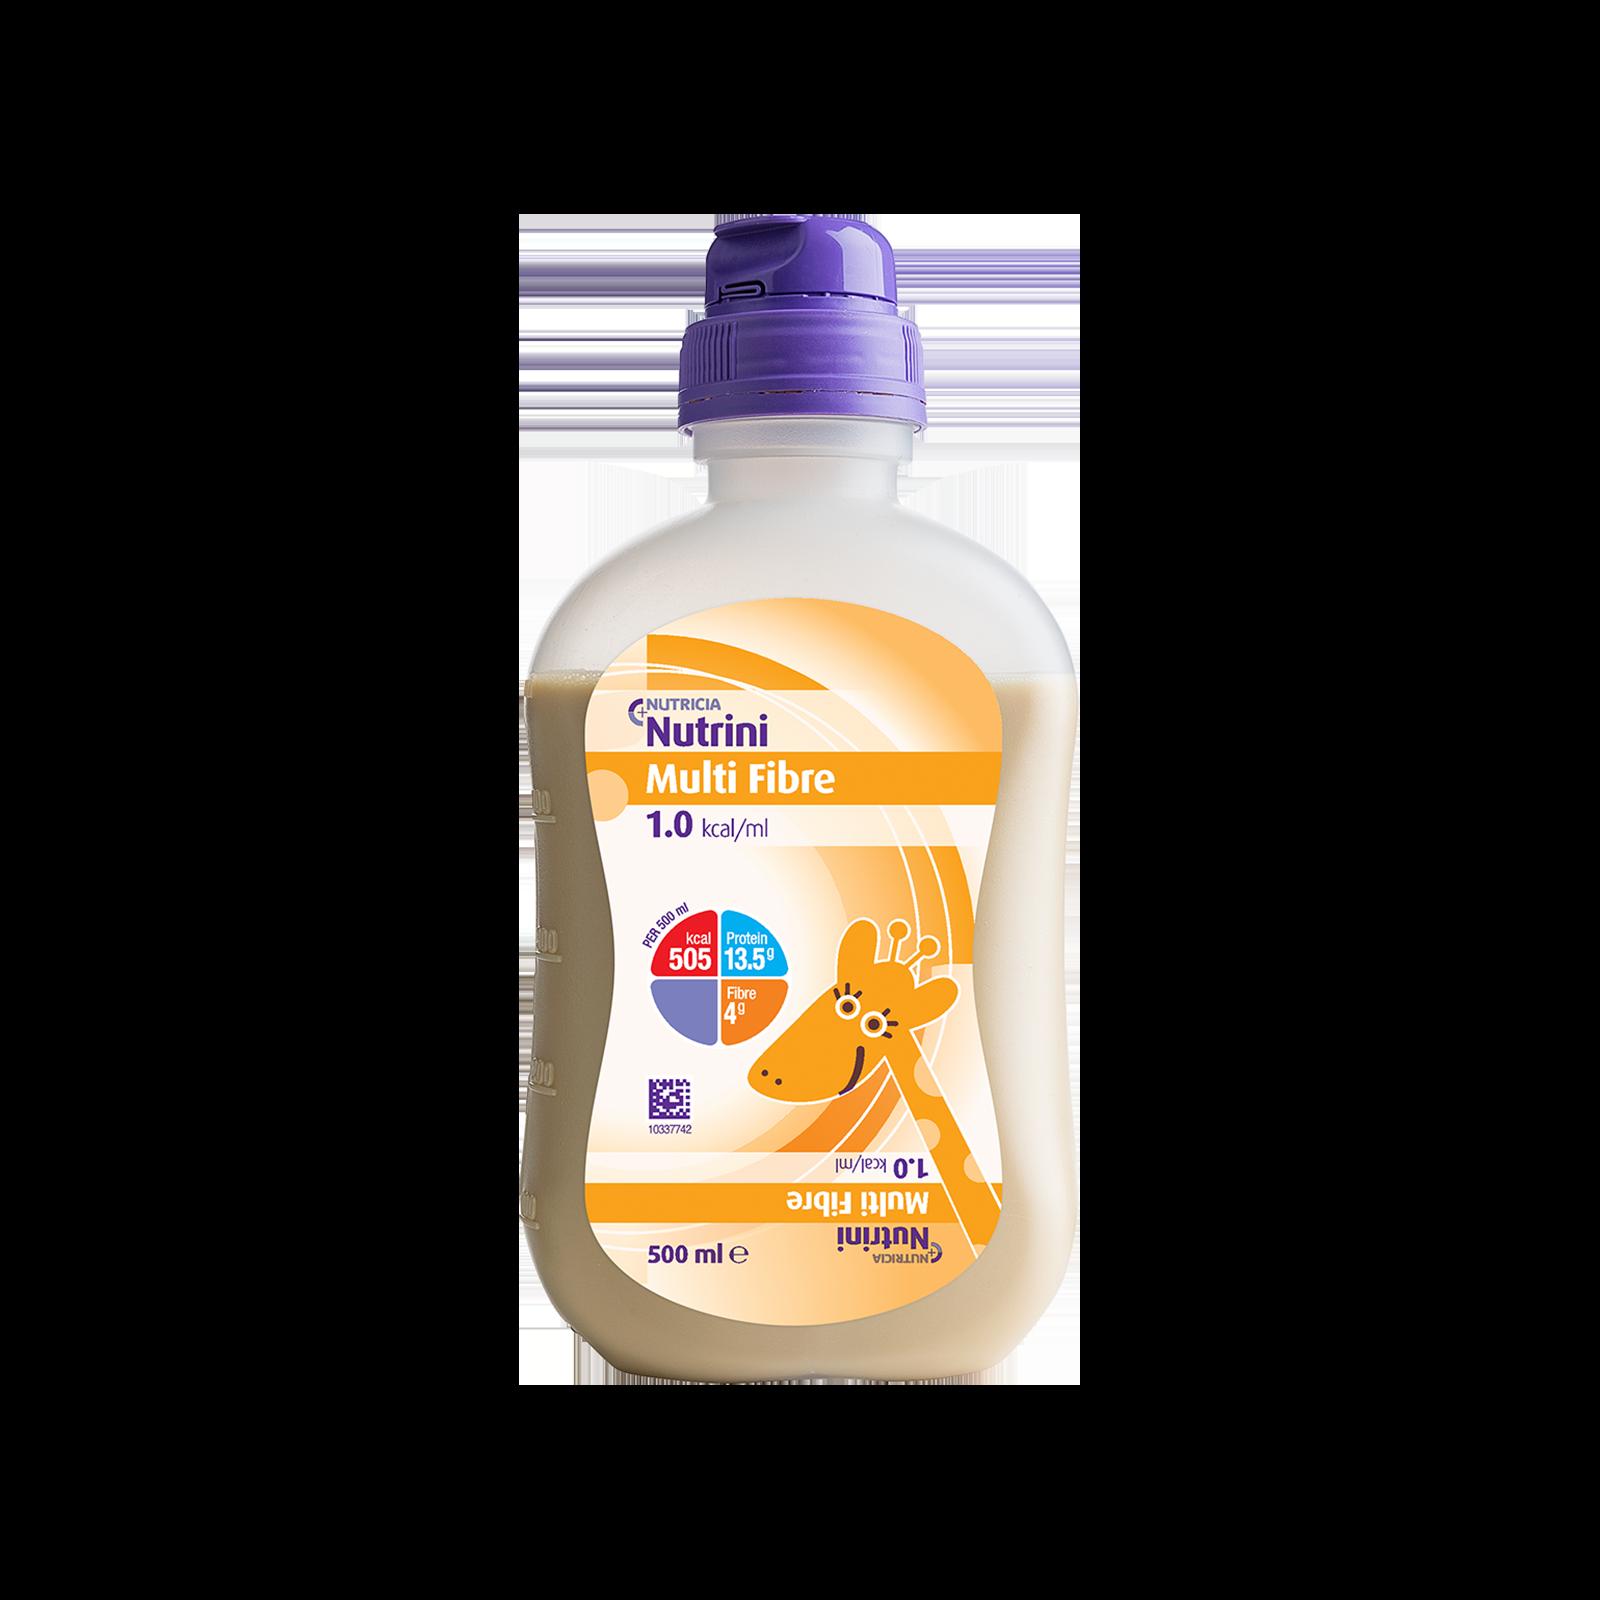 Nutrini Multi Fibre Bottiglia Collassabile da 500 ml | Nutricia